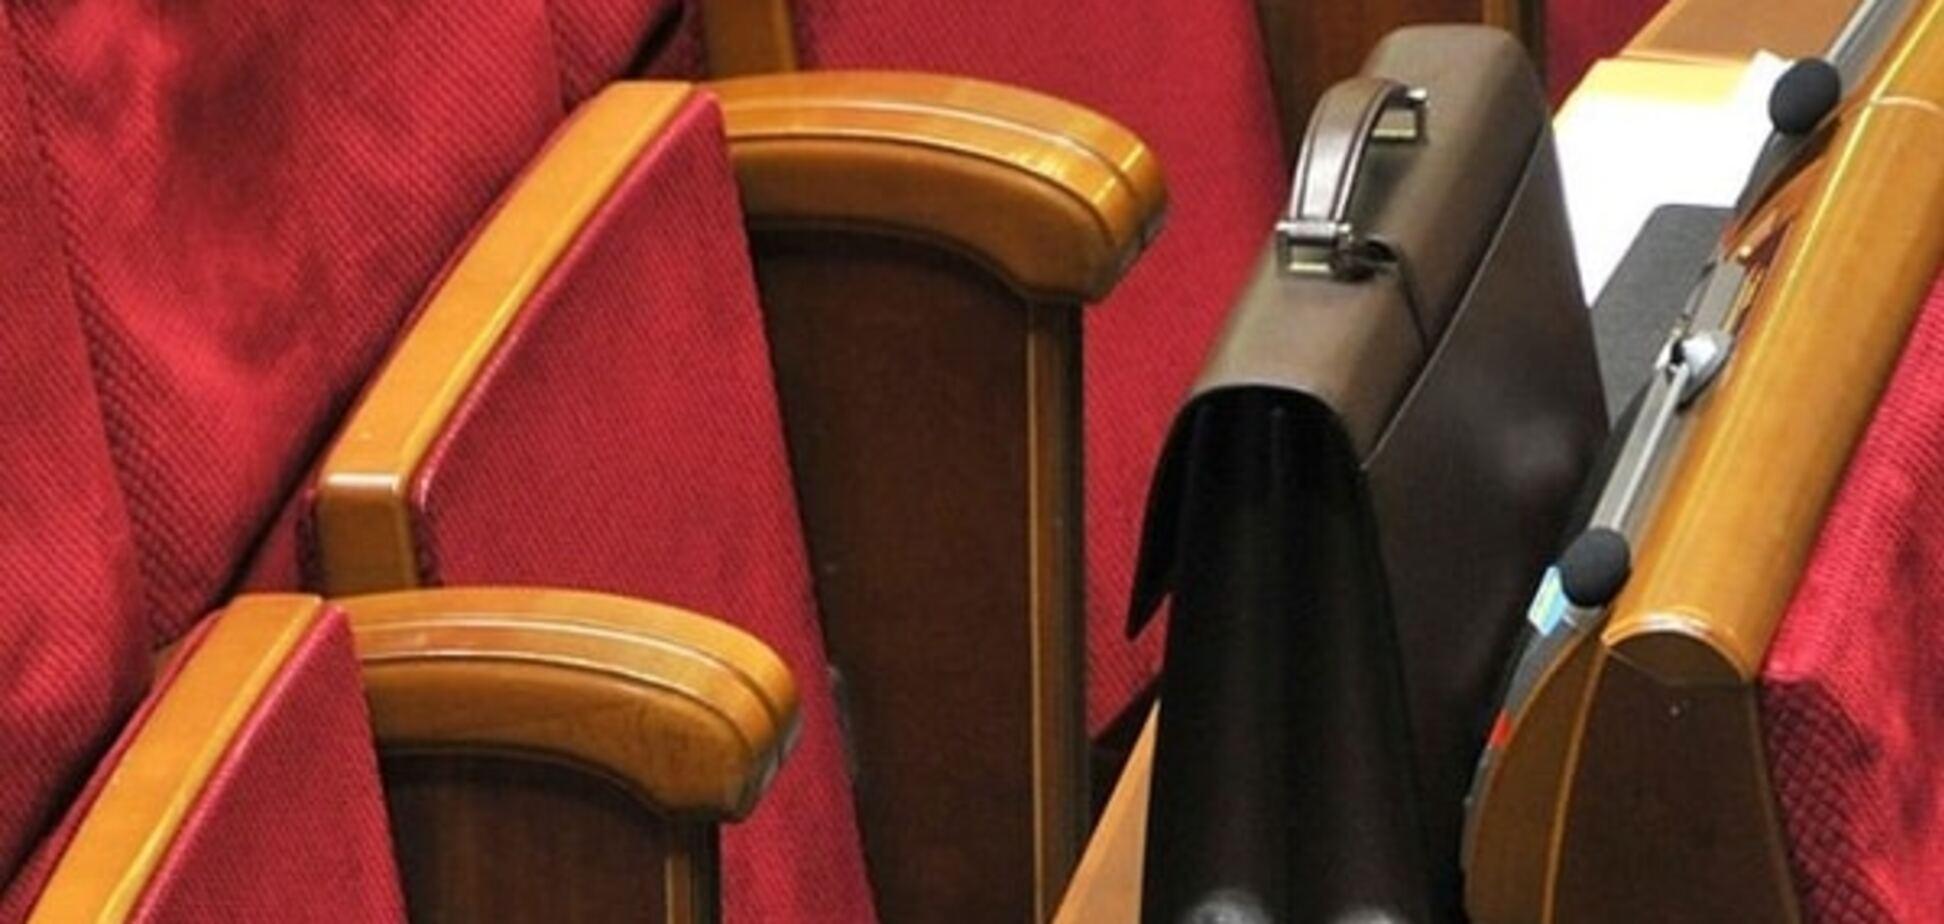 Недвижимость напоказ: в Украине усложнили жизнь коррупционерам